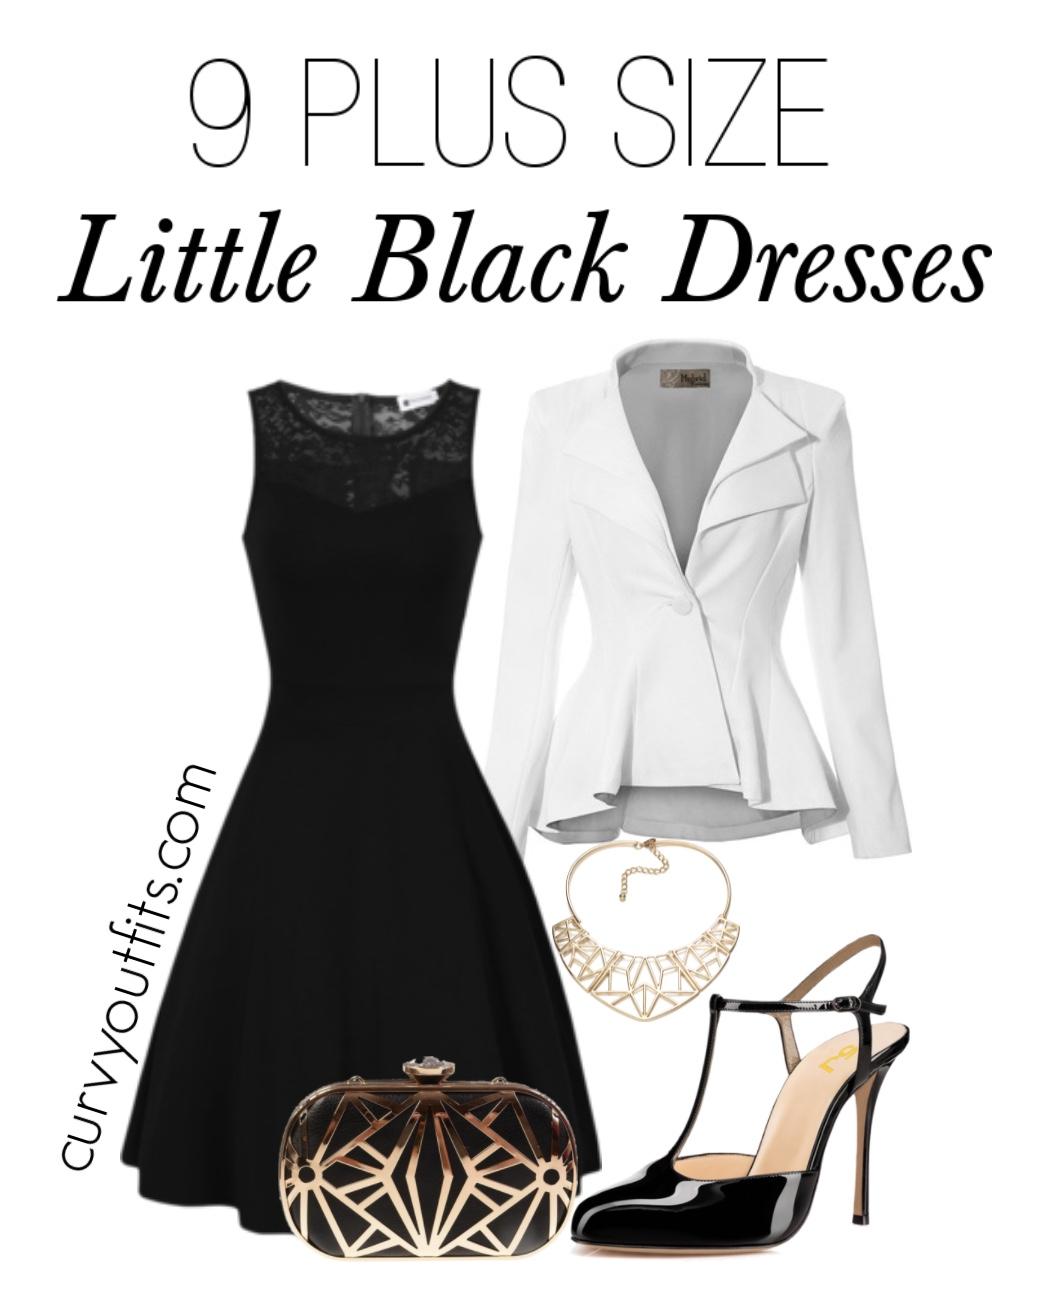 plus size little black dress outfit - 11 plus size short black dresses for fashionable outfits